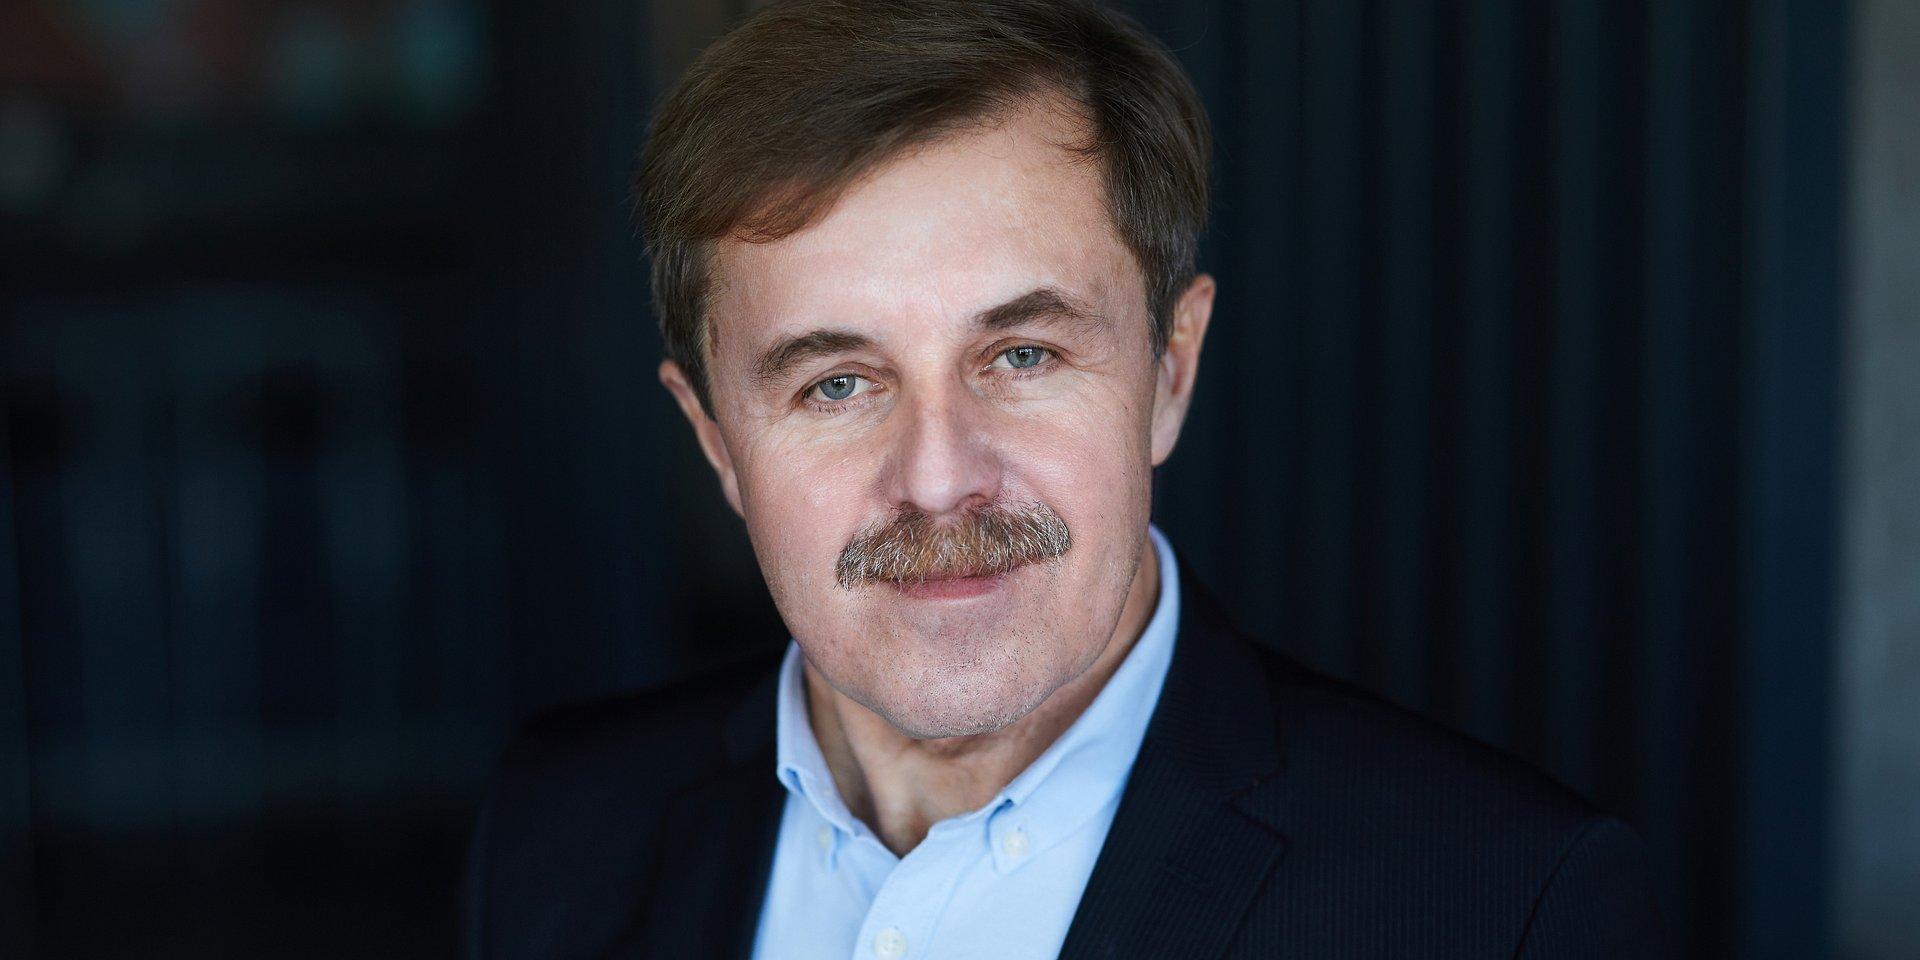 informatyka: prof. dr hab. inż. Cezary Orłowski